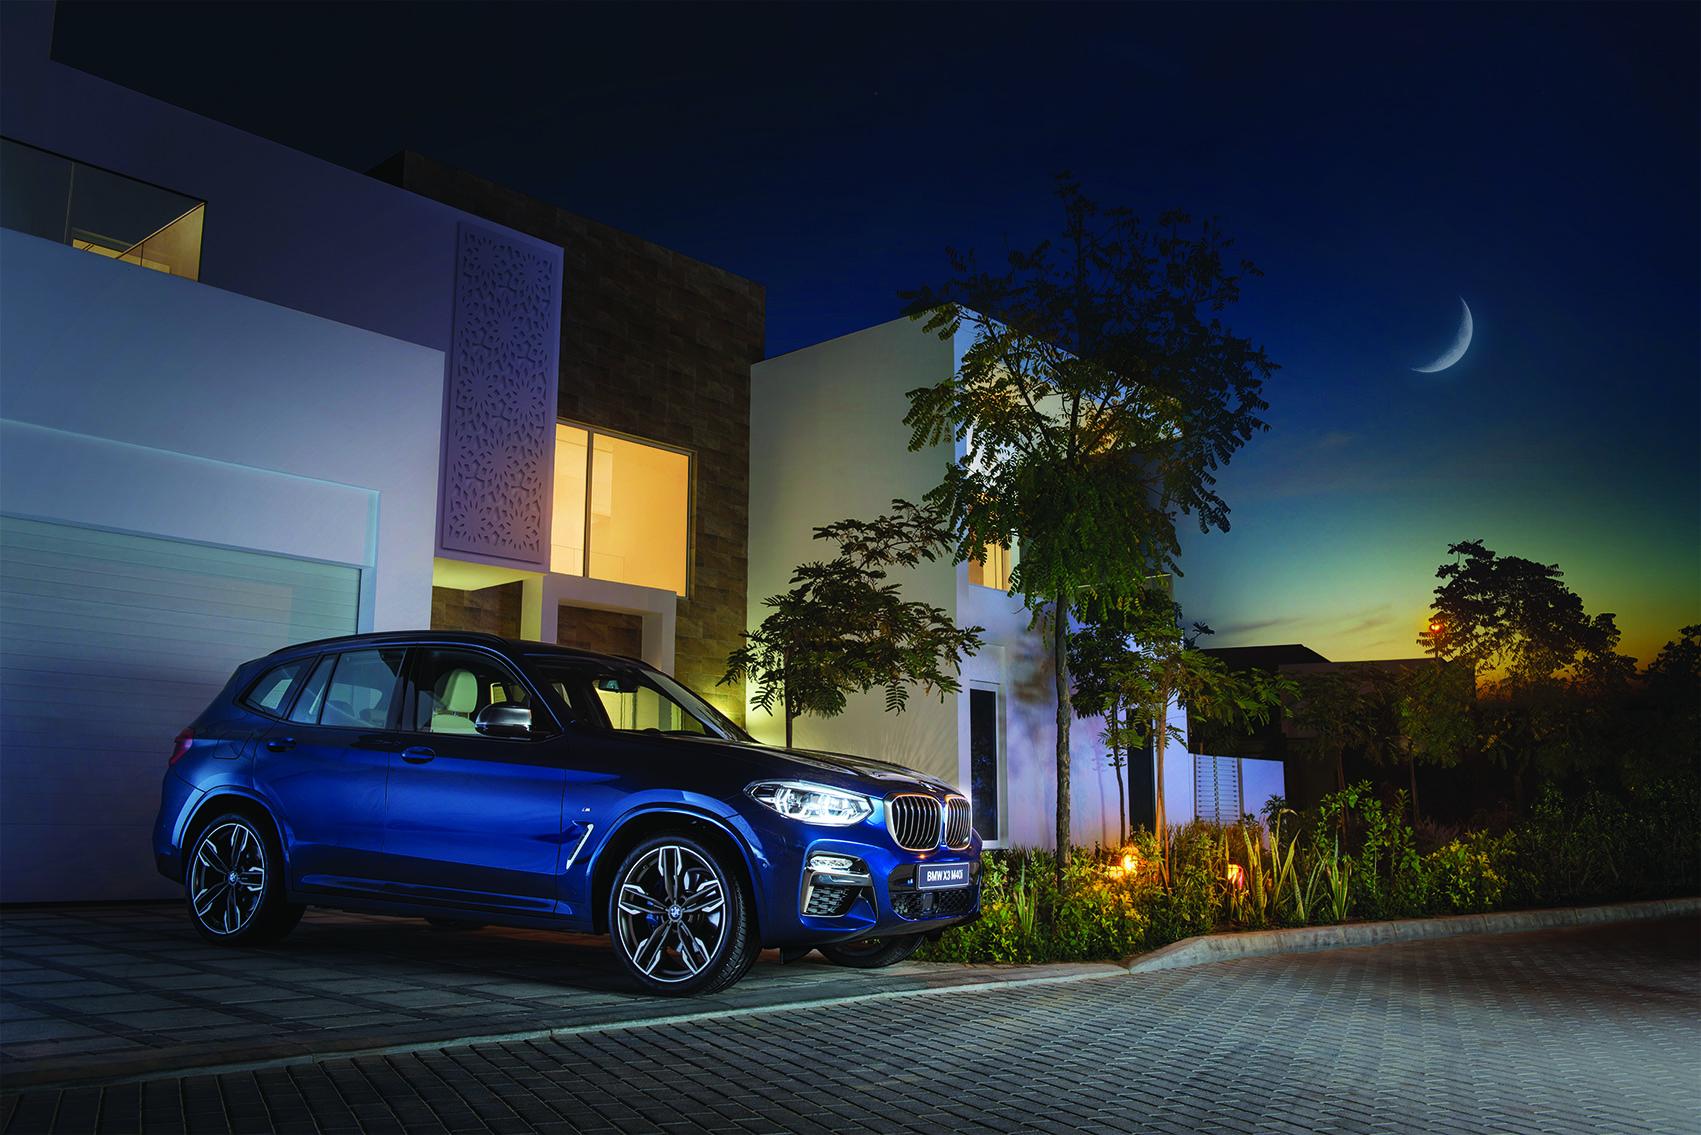 AG 001 BMW X3M40i-LCH_8855-CL.jpg